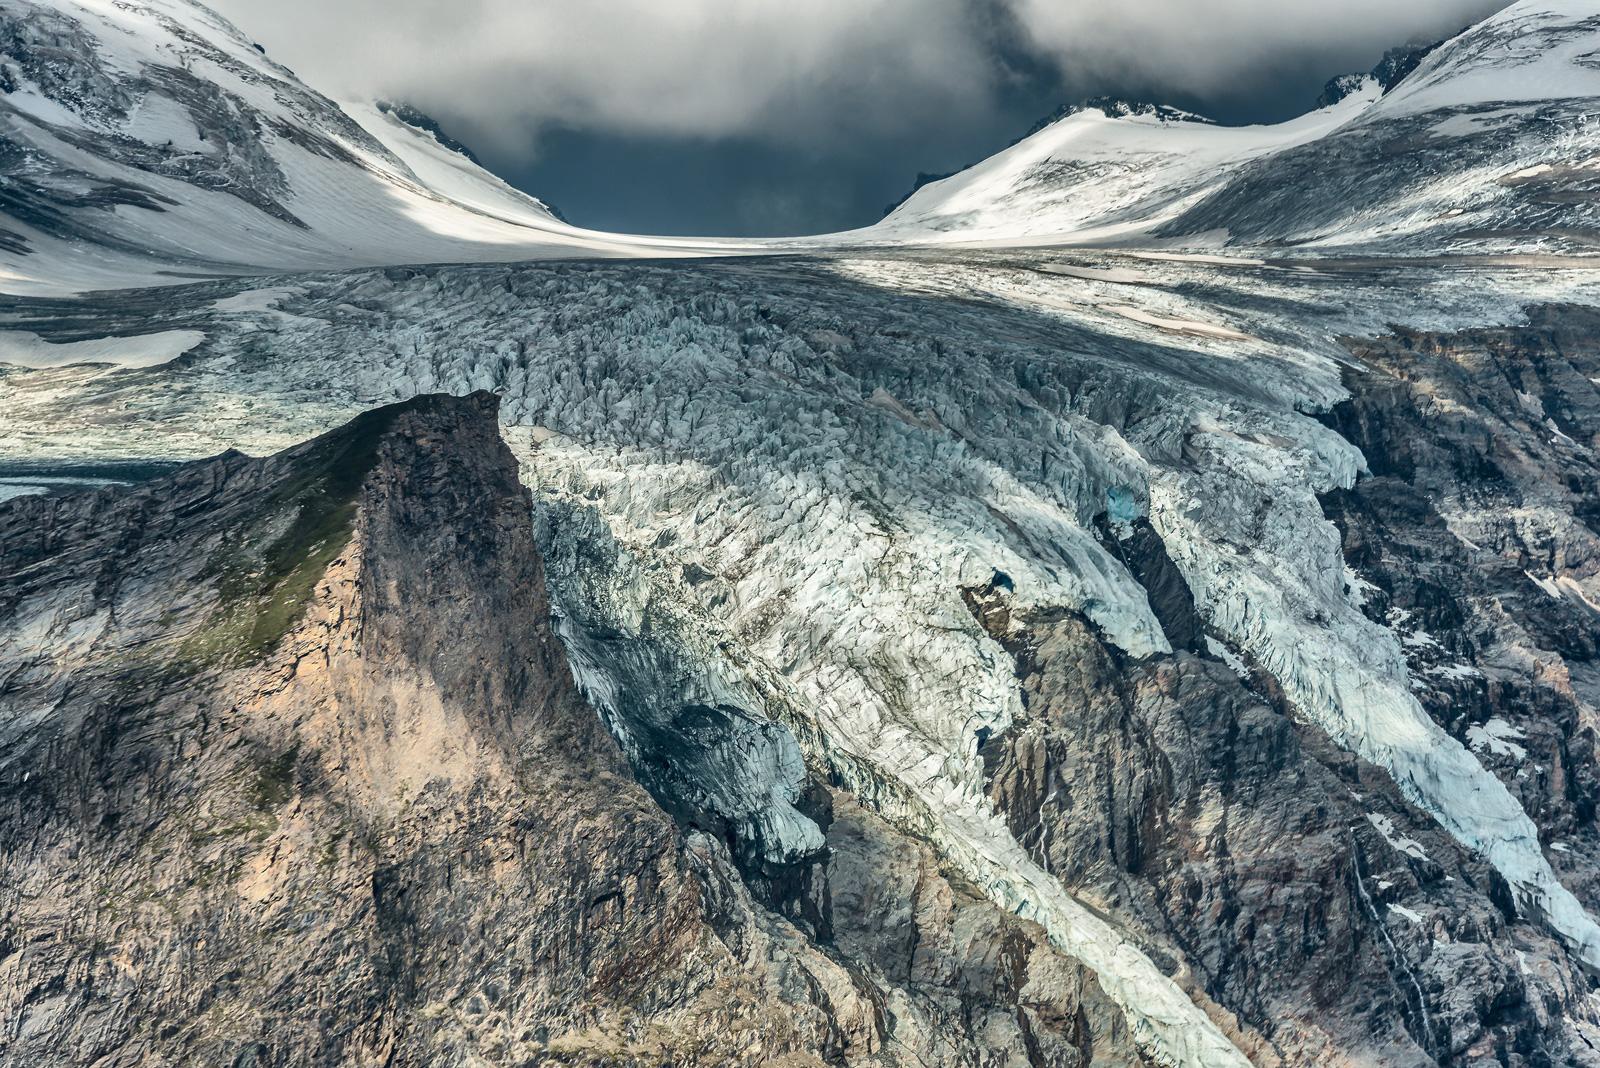 Gefährdetes Naturwunder: Der Pasterze-Gletscher am Großglockner